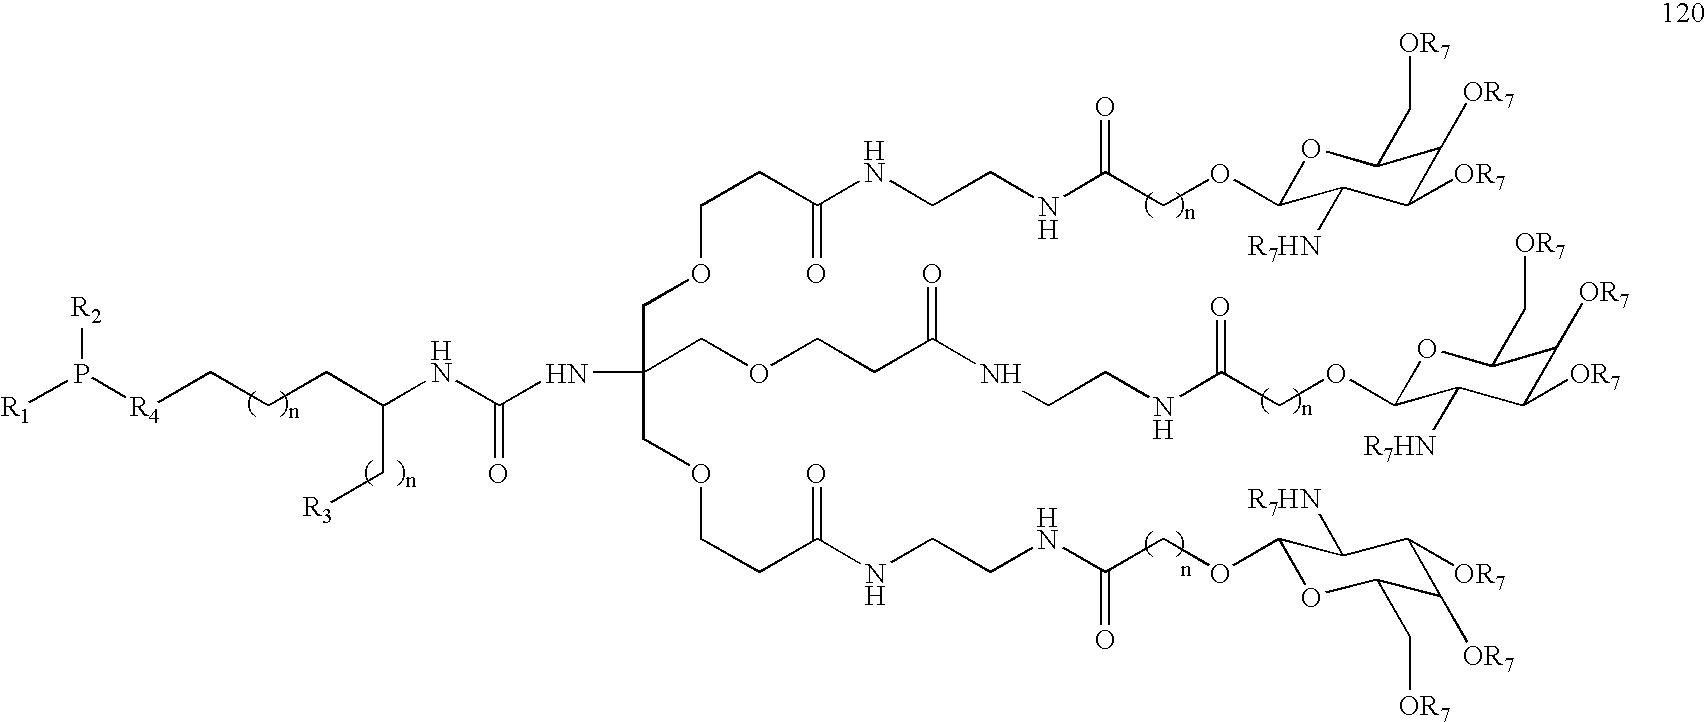 Figure US20040192626A1-20040930-C00084